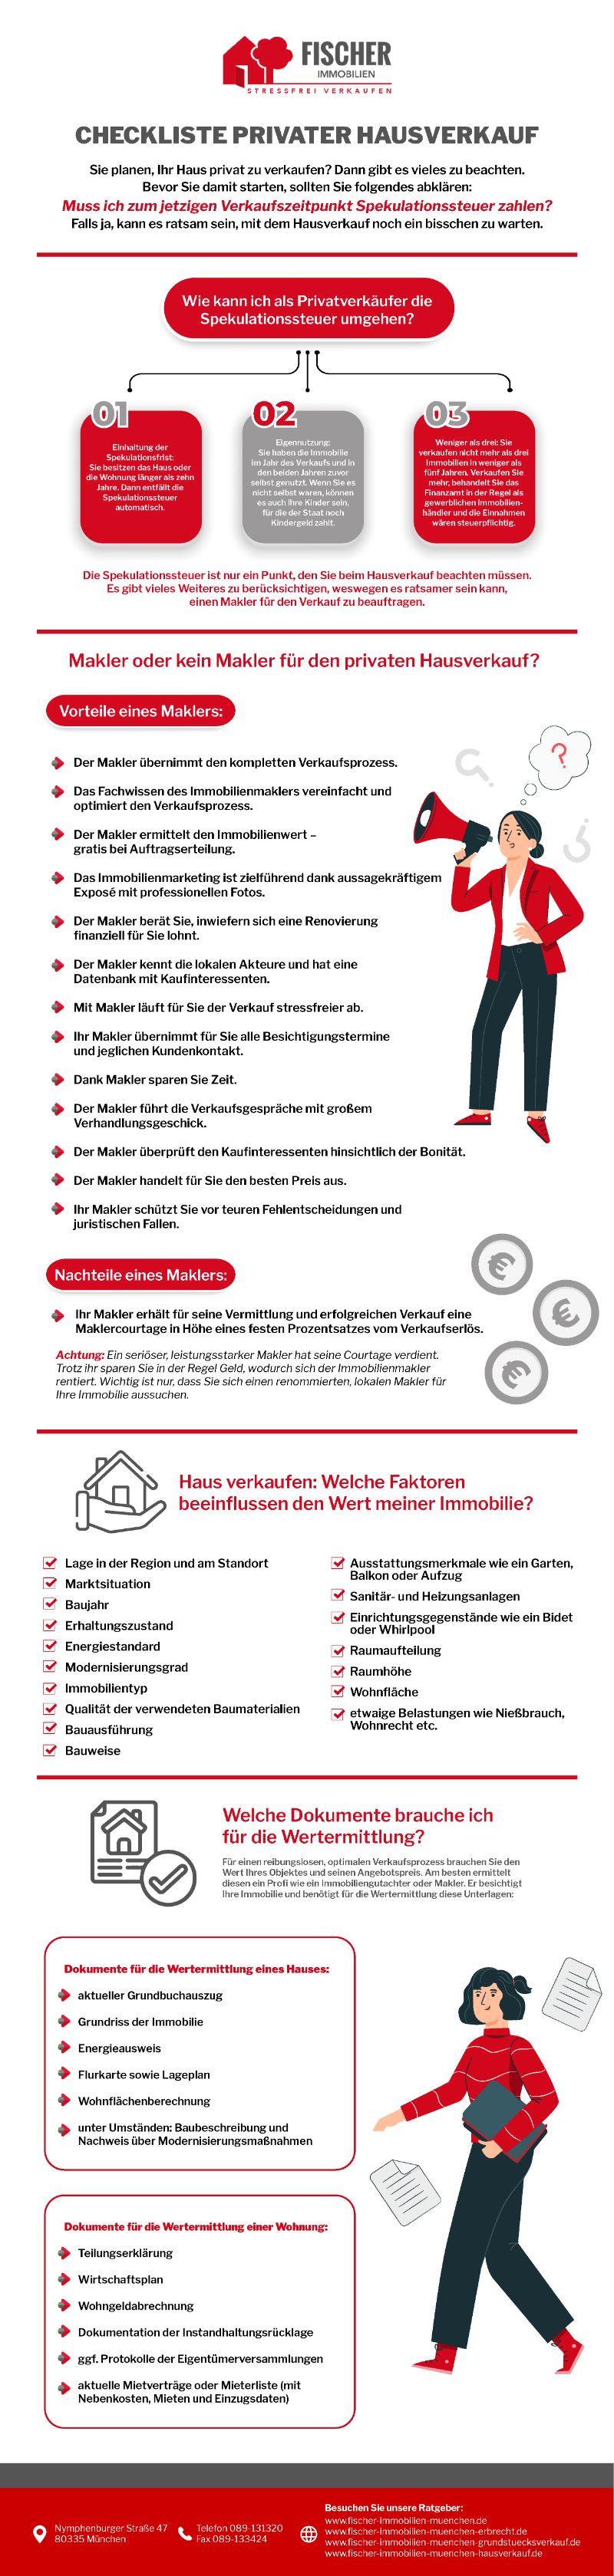 Infografik Privat Das Haus Verkaufen: Worauf Achten Und Was Bedenken?